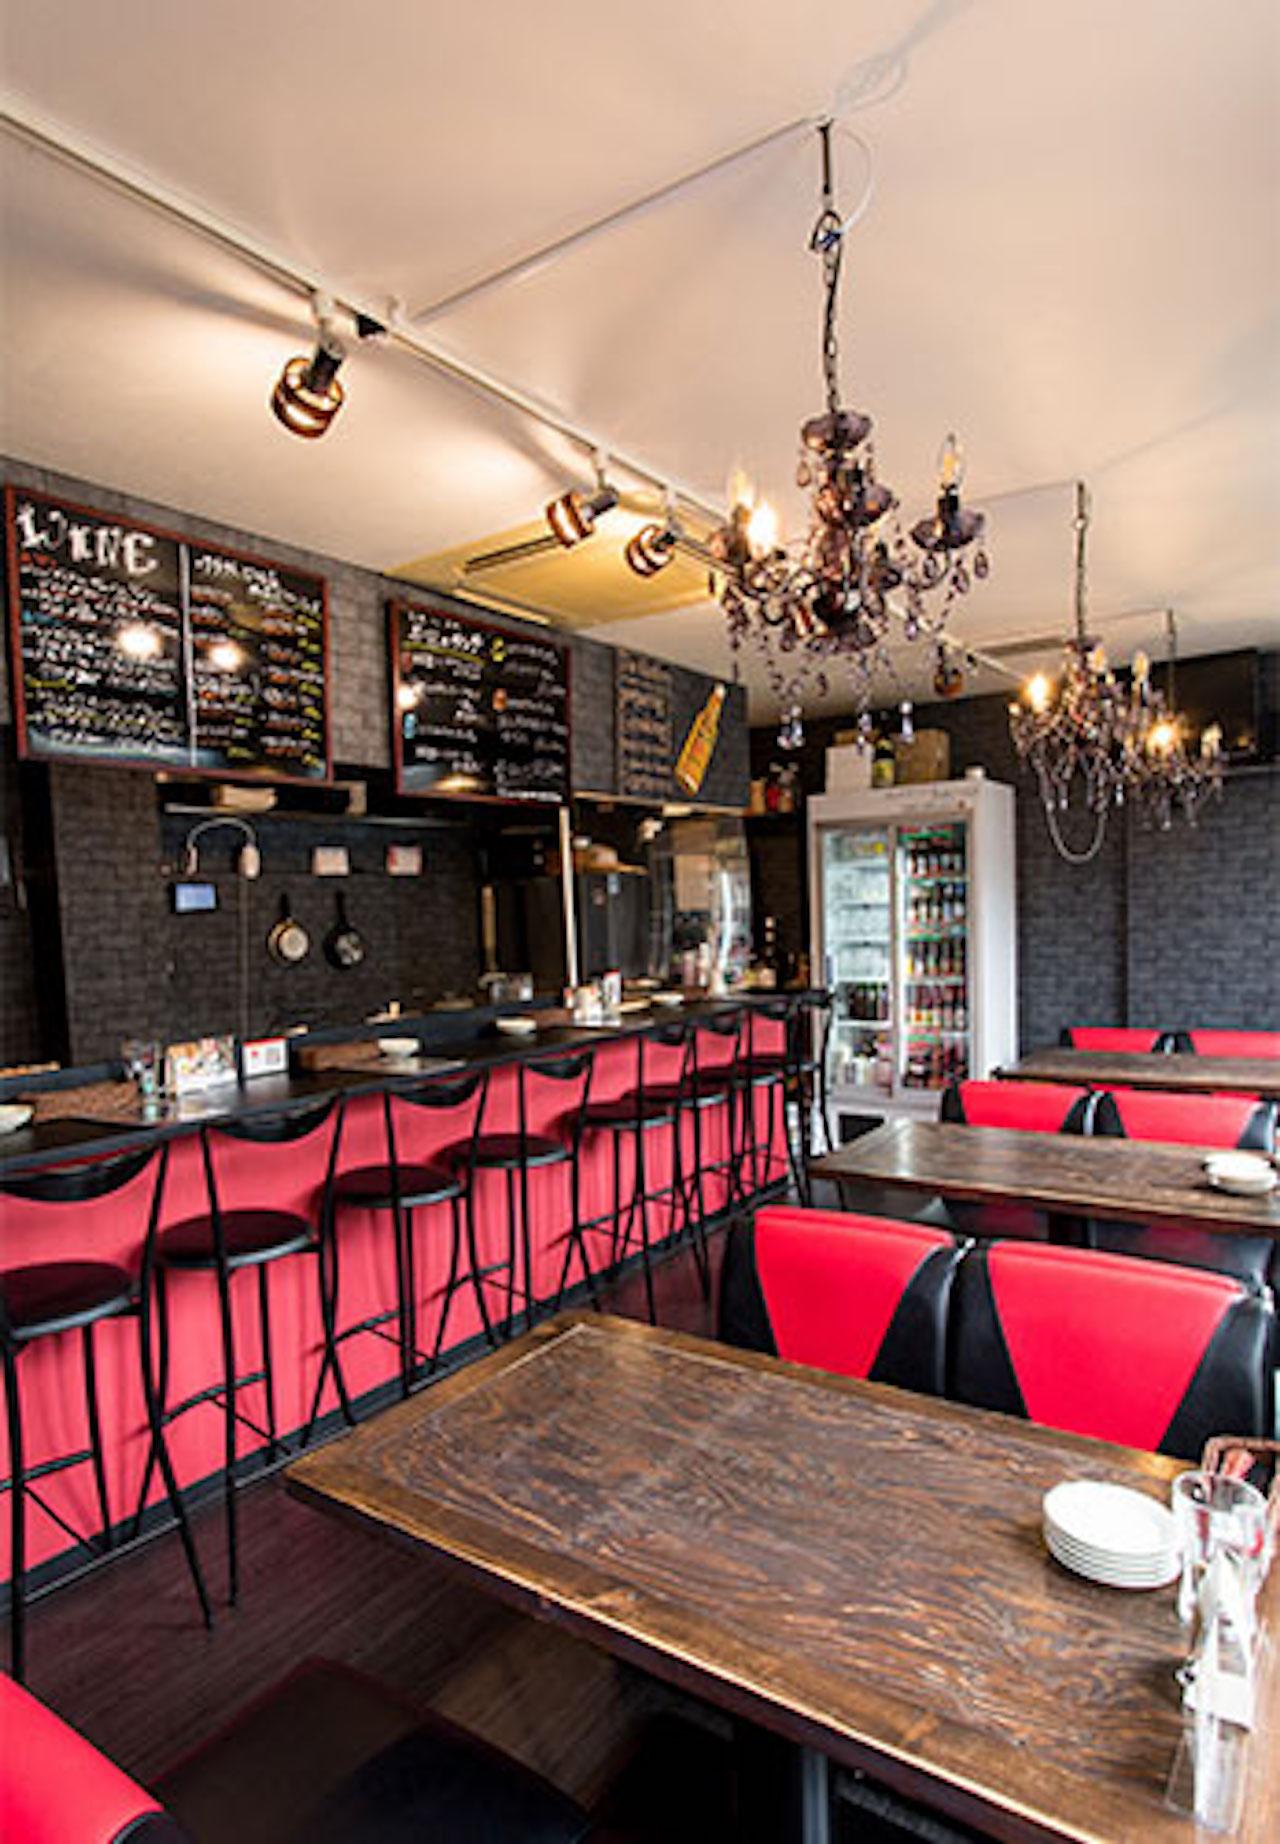 オープンキッチンなのでシェフとの会話も弾みそう。黒を基調に、木製のテーブル、鮮やかな赤とのコーディネートが印象的